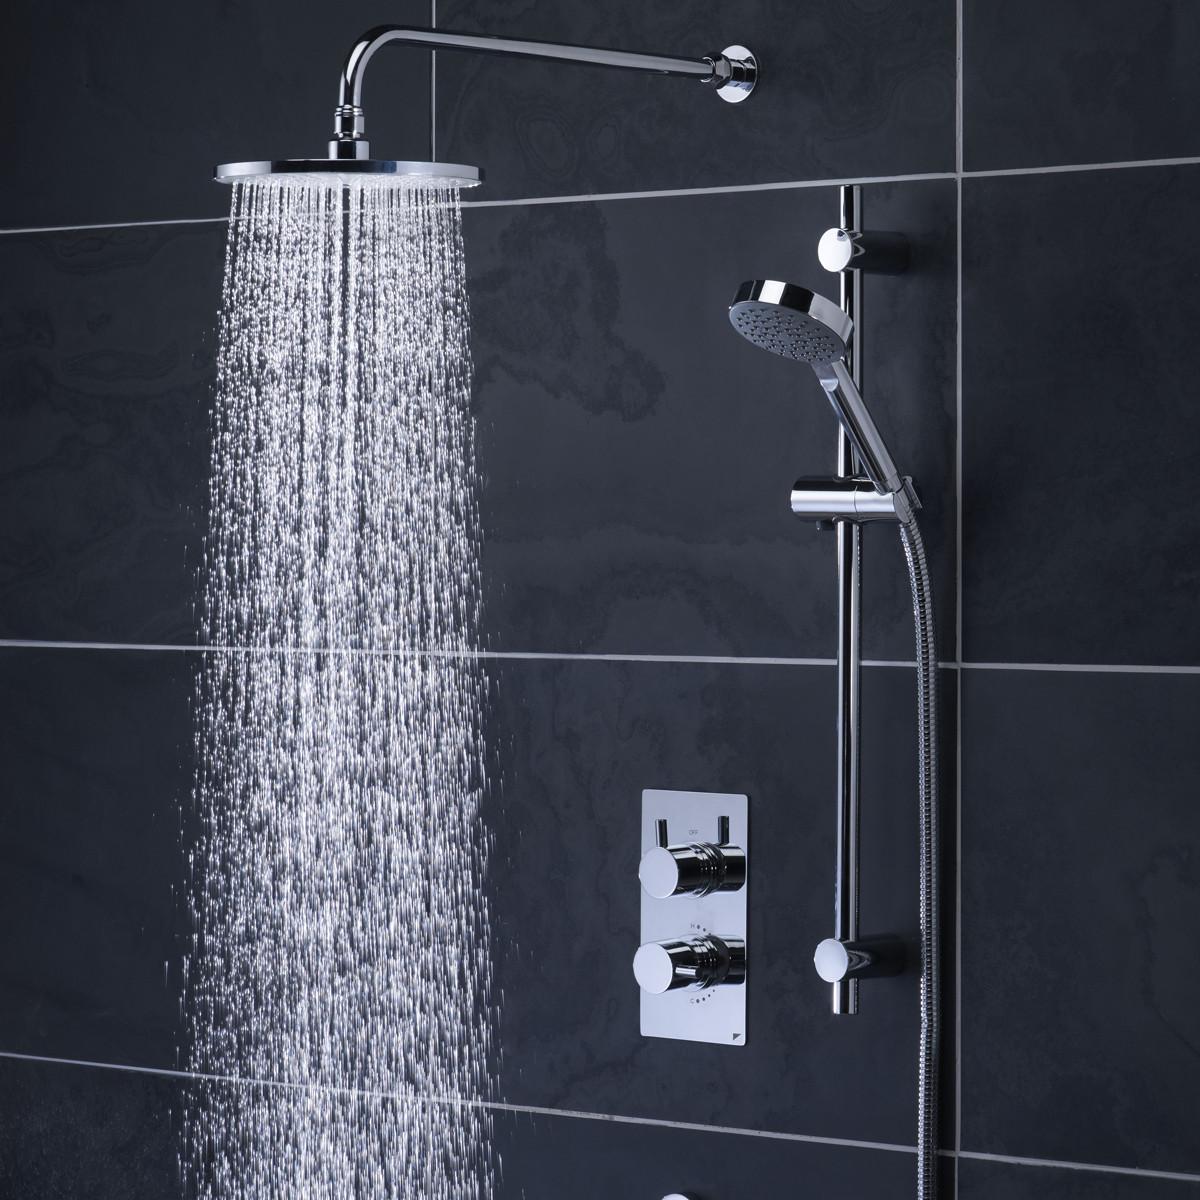 roper rhodes event concealed two way diverter shower sv1406. Black Bedroom Furniture Sets. Home Design Ideas